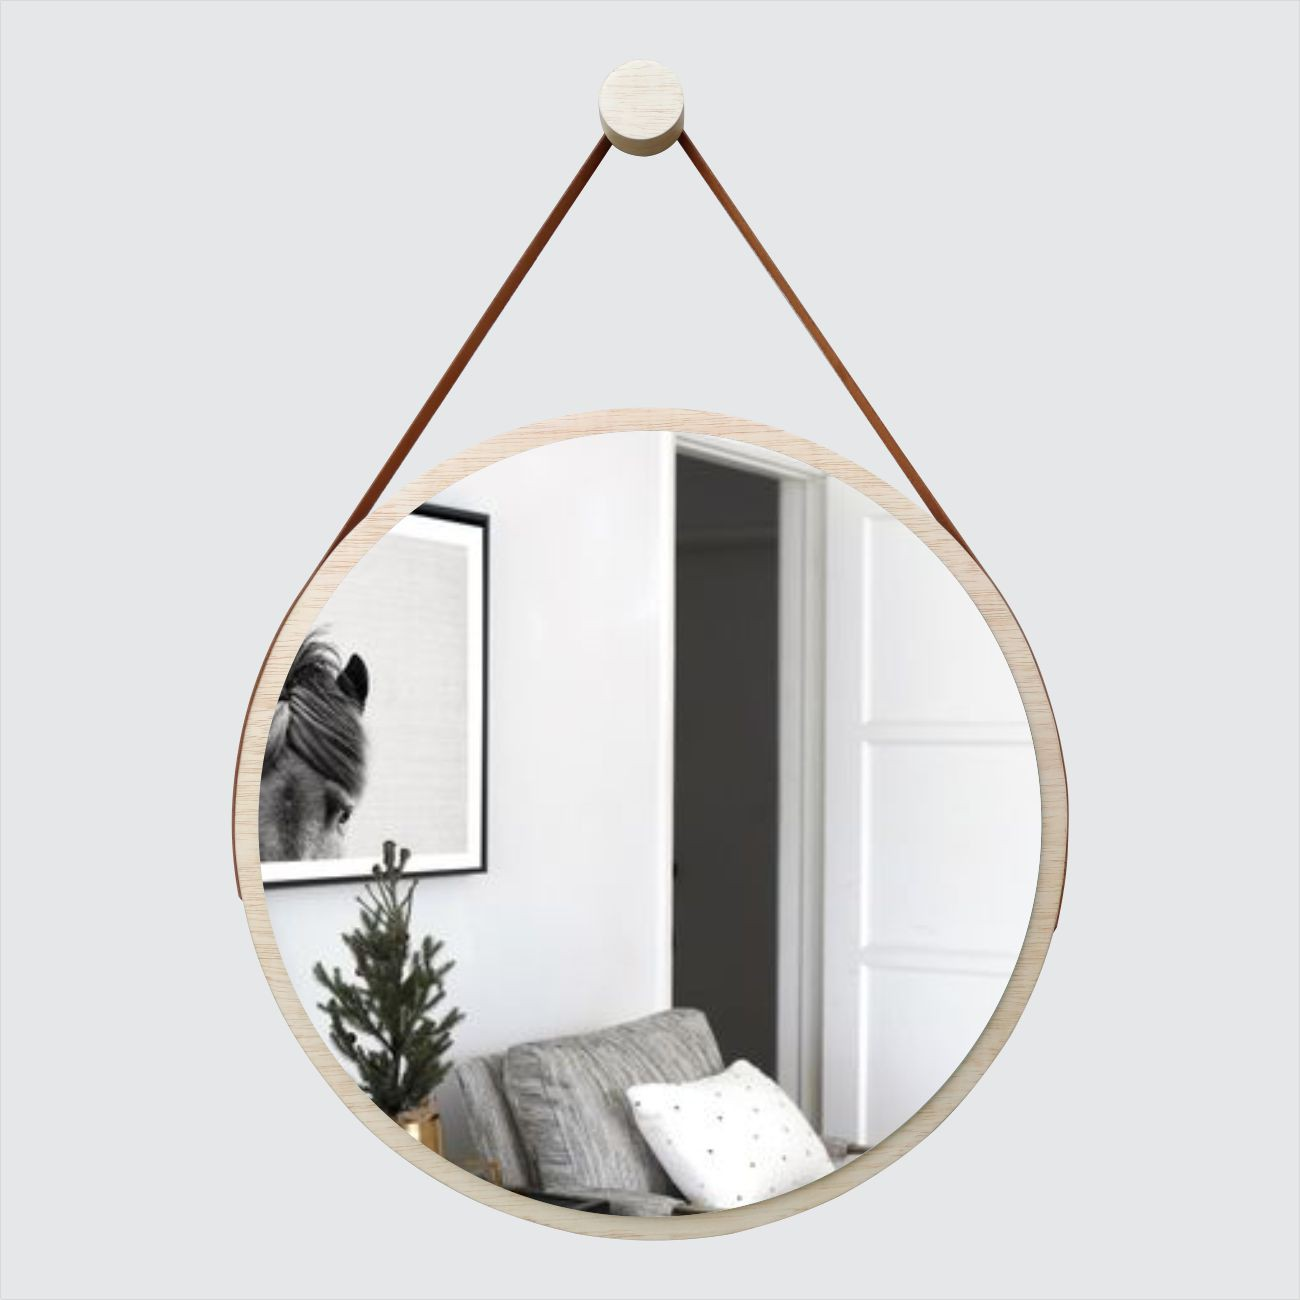 Espelho Redondo Adnet Minimalista Natural com Alça Caramelo 60cm